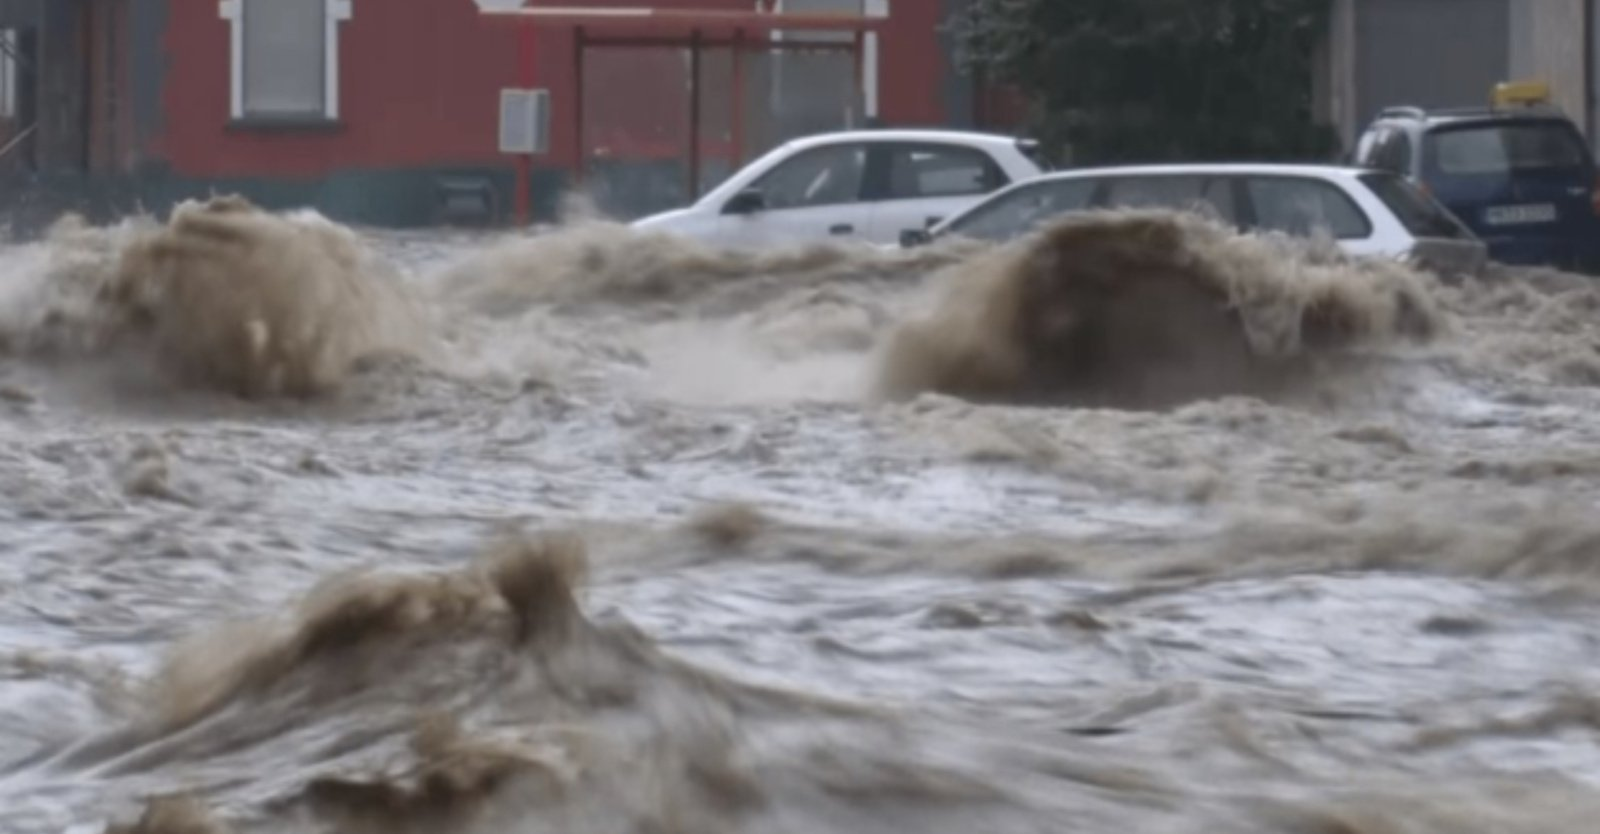 Vakarų Europai smogusių potvynių aukų skaičius viršijo 150